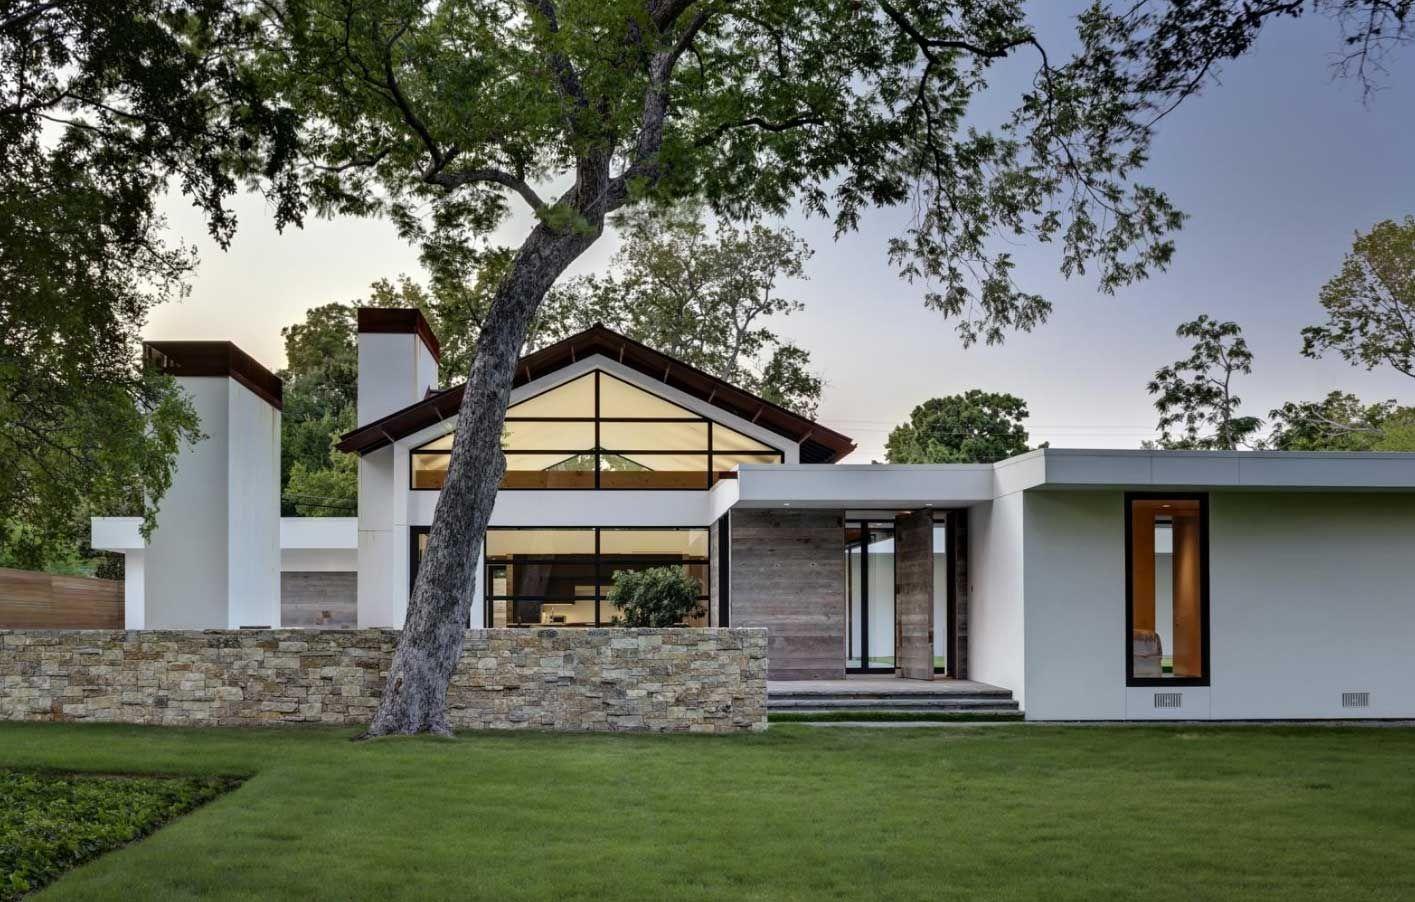 10 Modern Contemporary Ranch House Ideas House Exterior Ranch